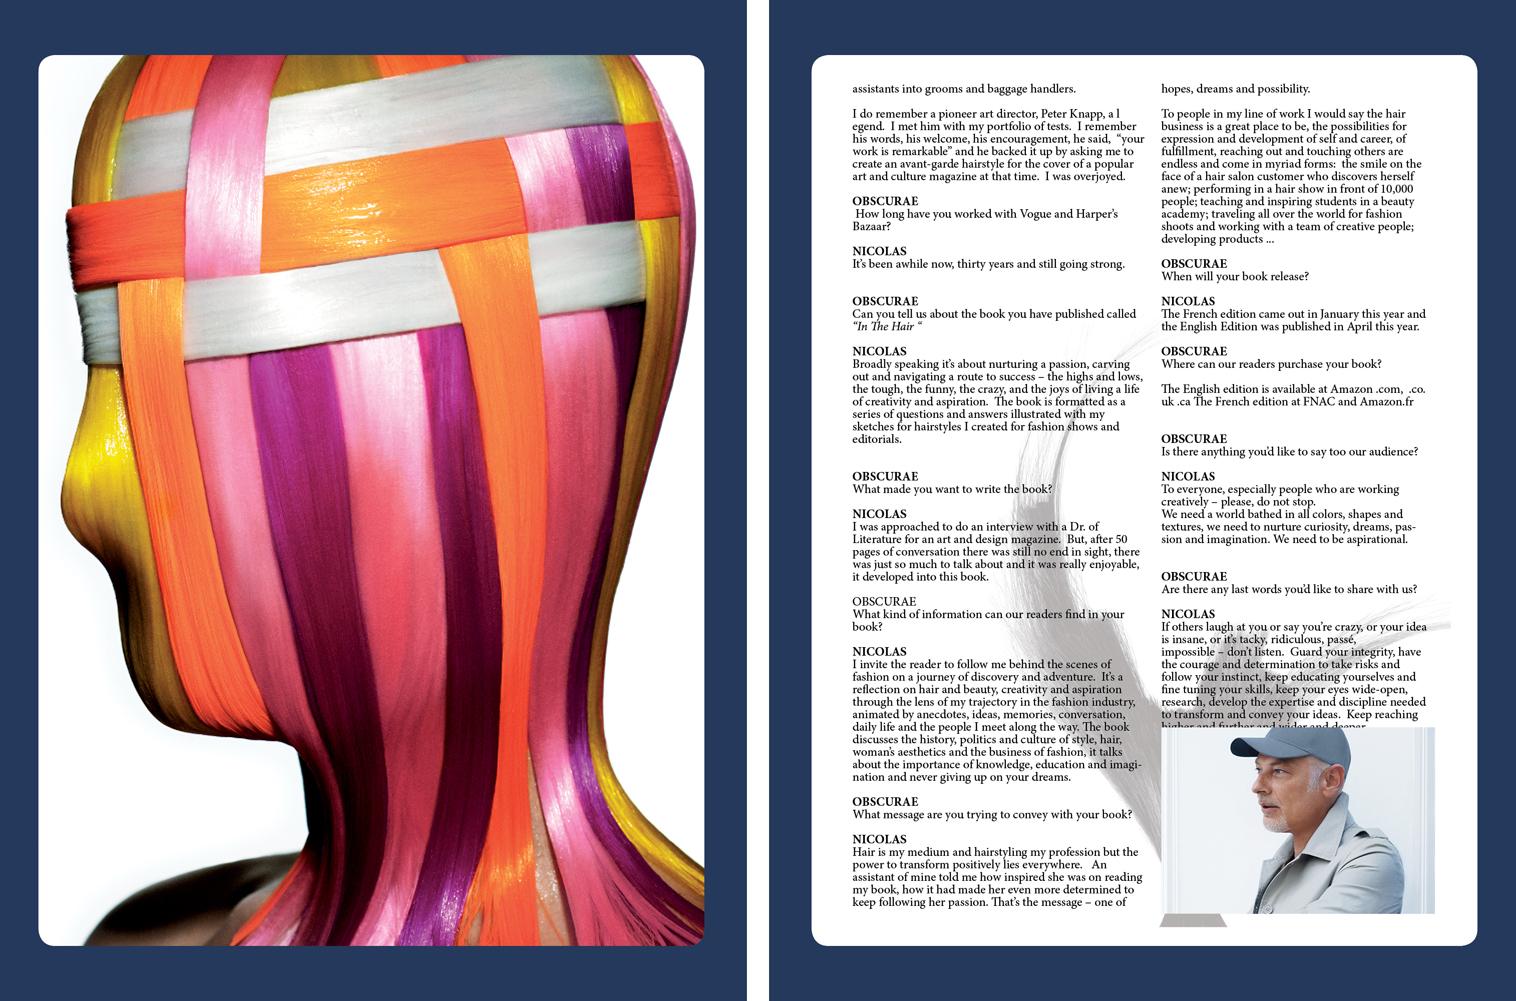 Obscurae Magazine - Vol. 33  p.78-79